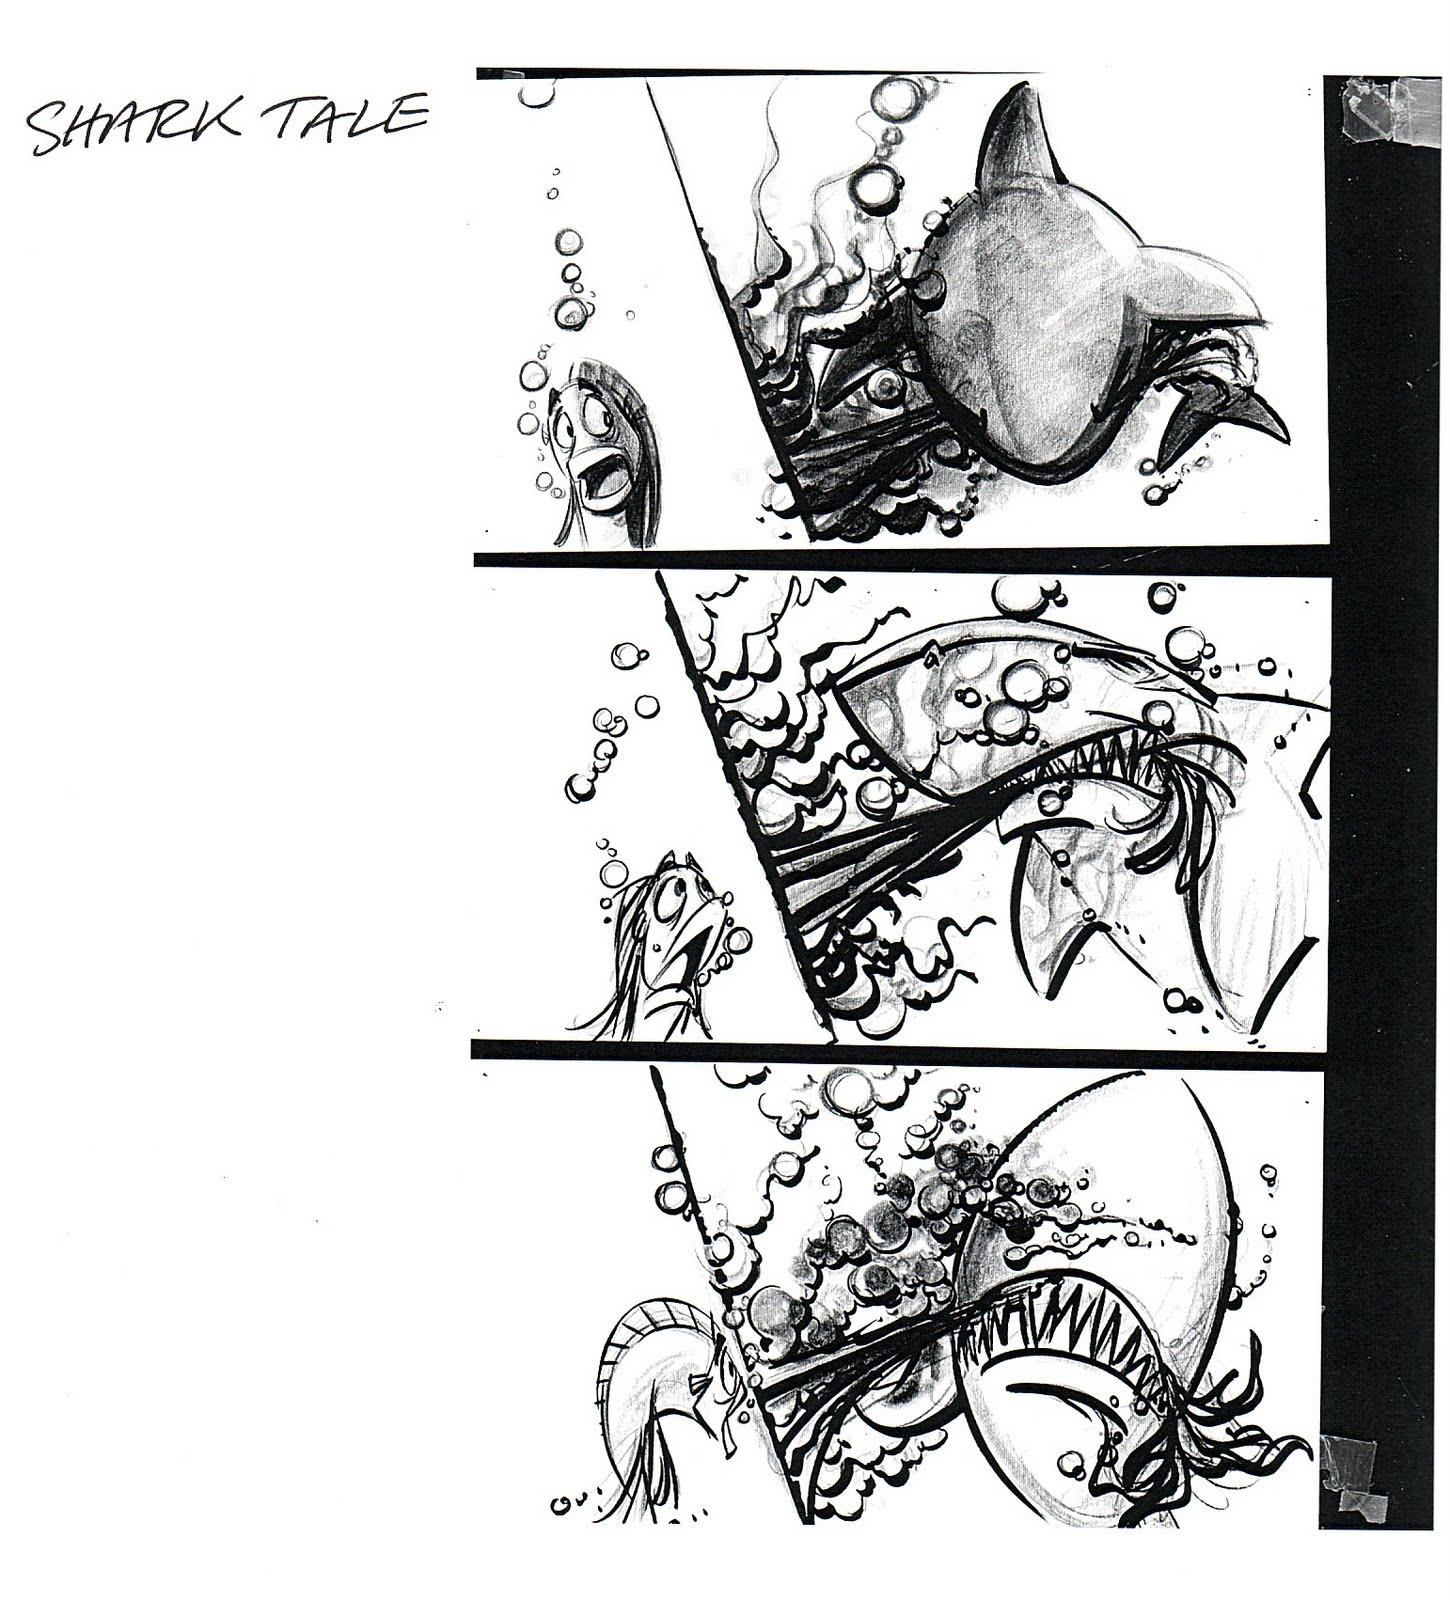 [Shark+Tale+Boards-01]